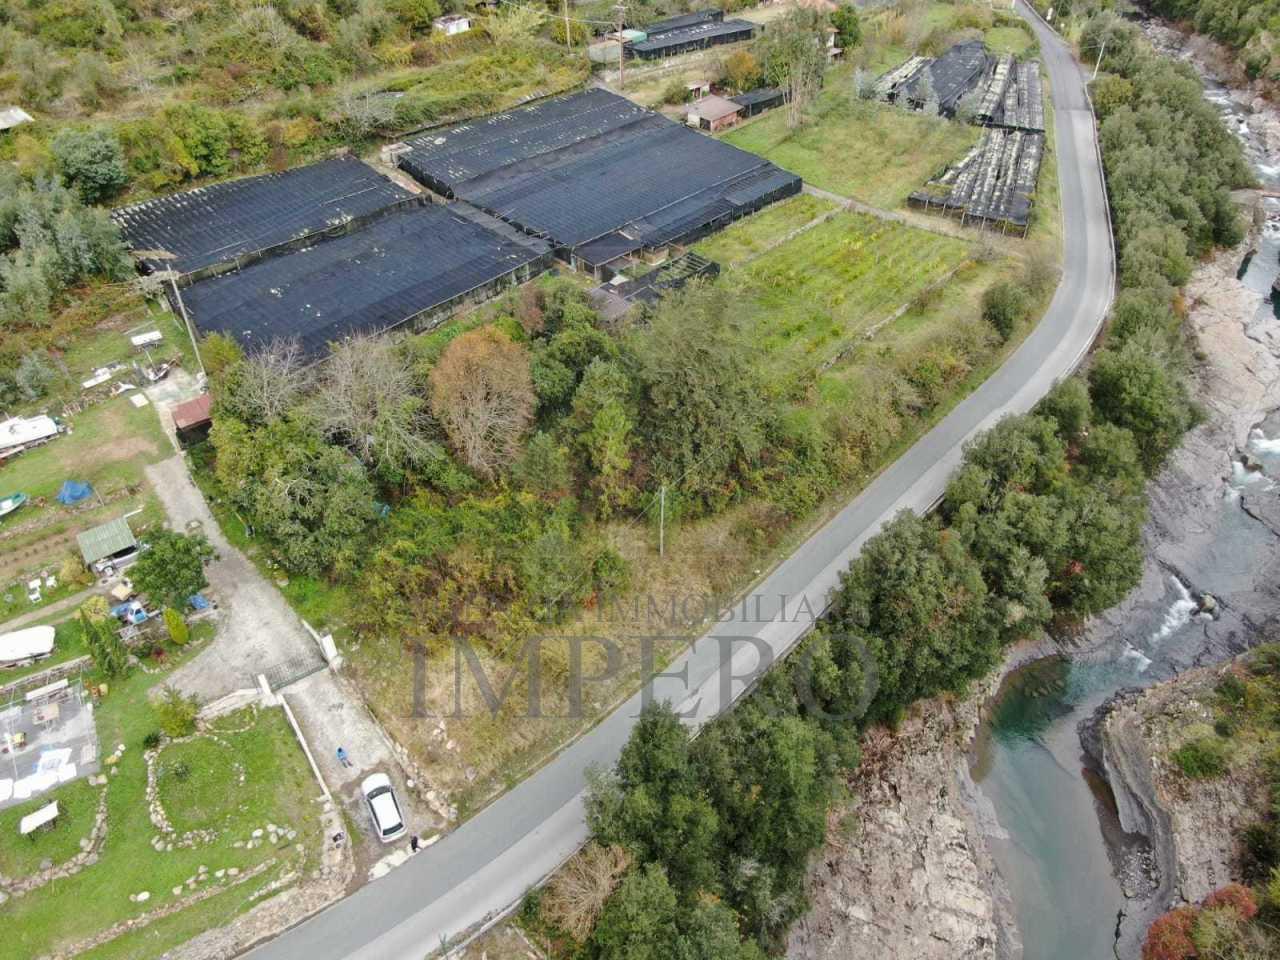 Terreno Agricolo in vendita a Isolabona, 1 locali, prezzo € 45.000 | PortaleAgenzieImmobiliari.it